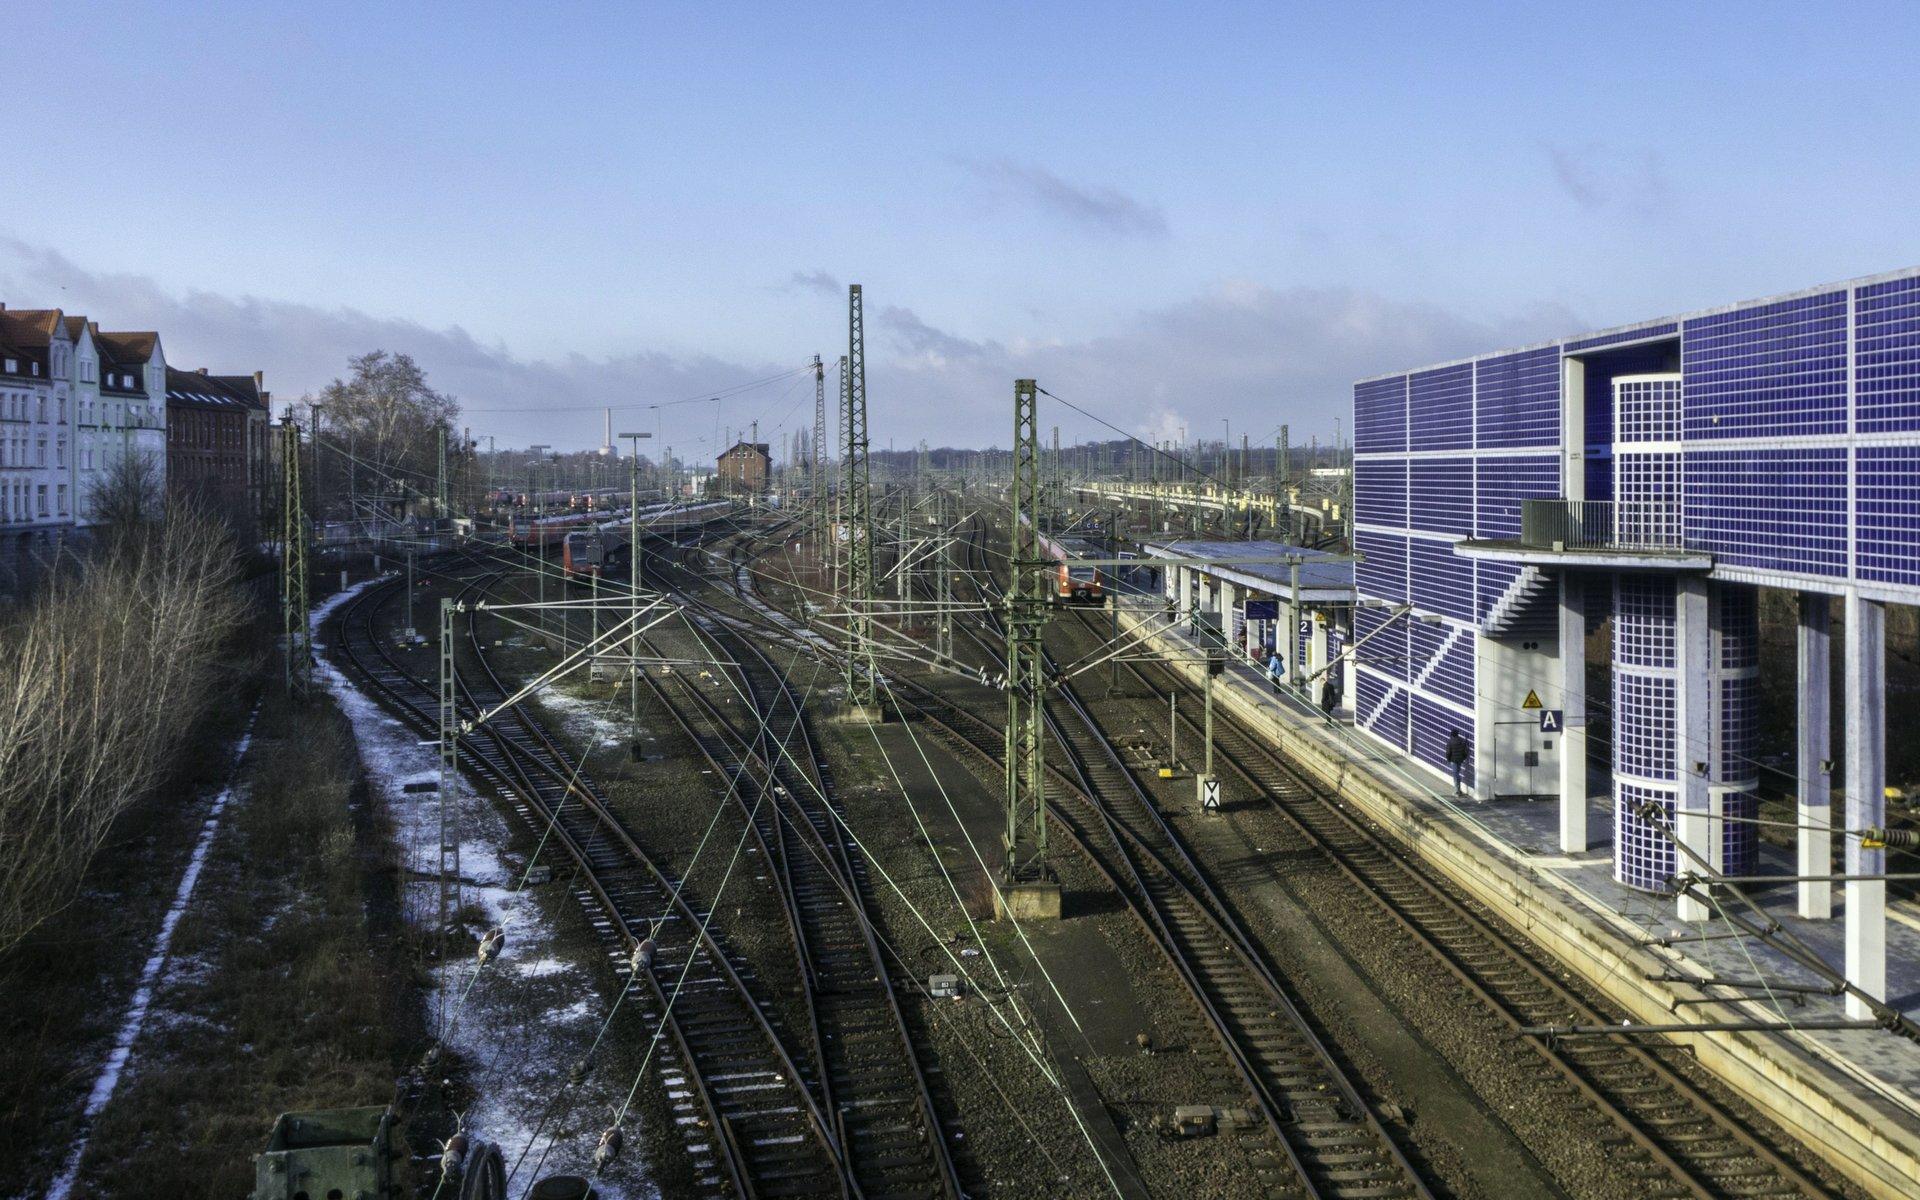 Bahnhof Hannover-Nordstadt